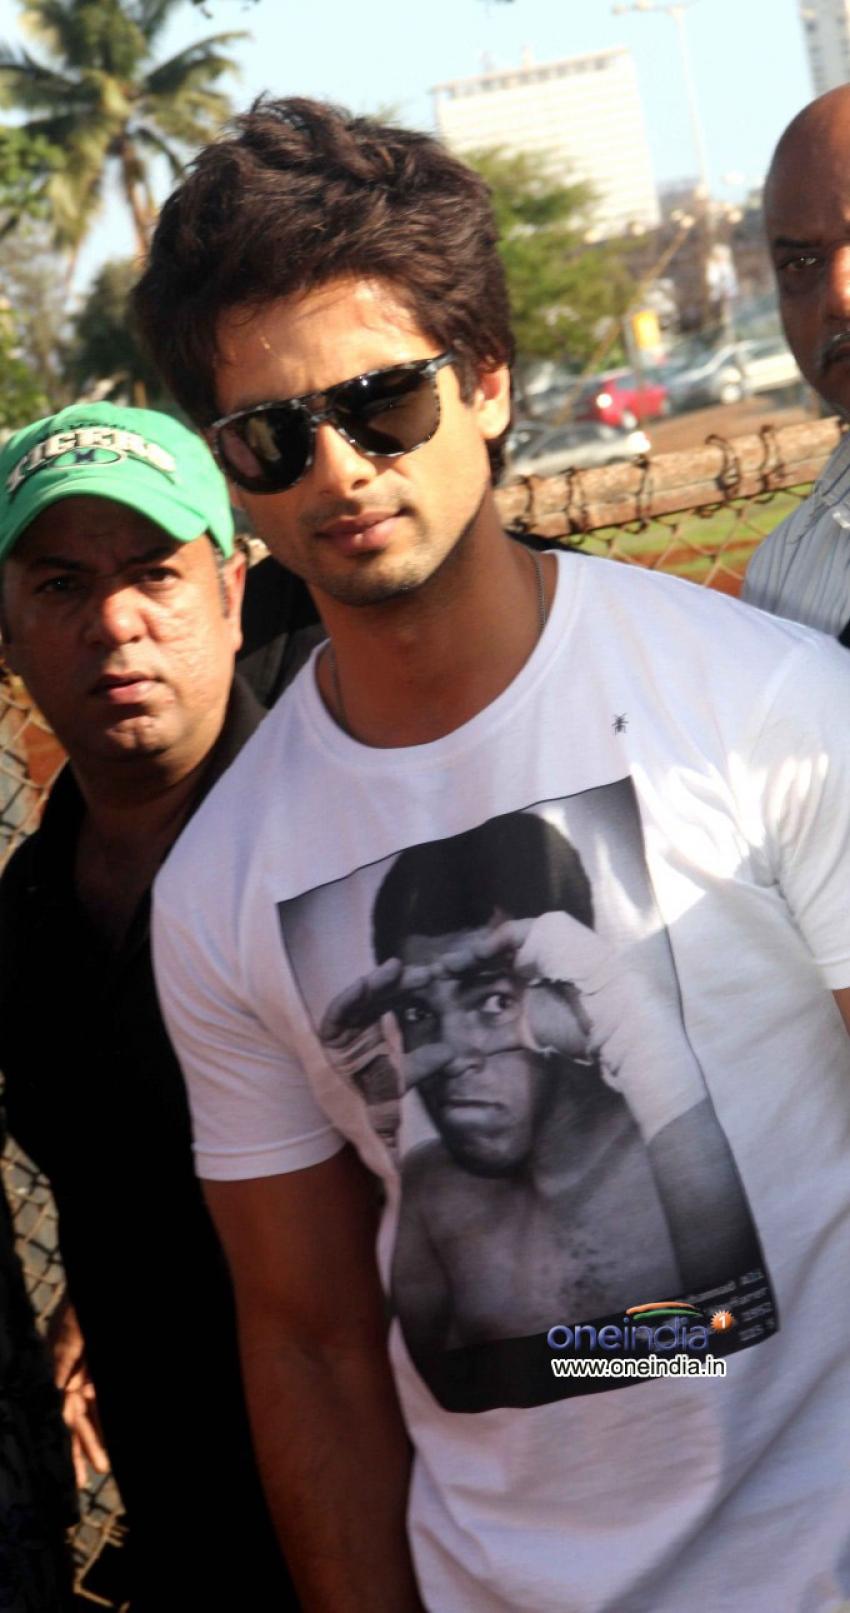 bollywood movie teri meri kahaani promotioncast members